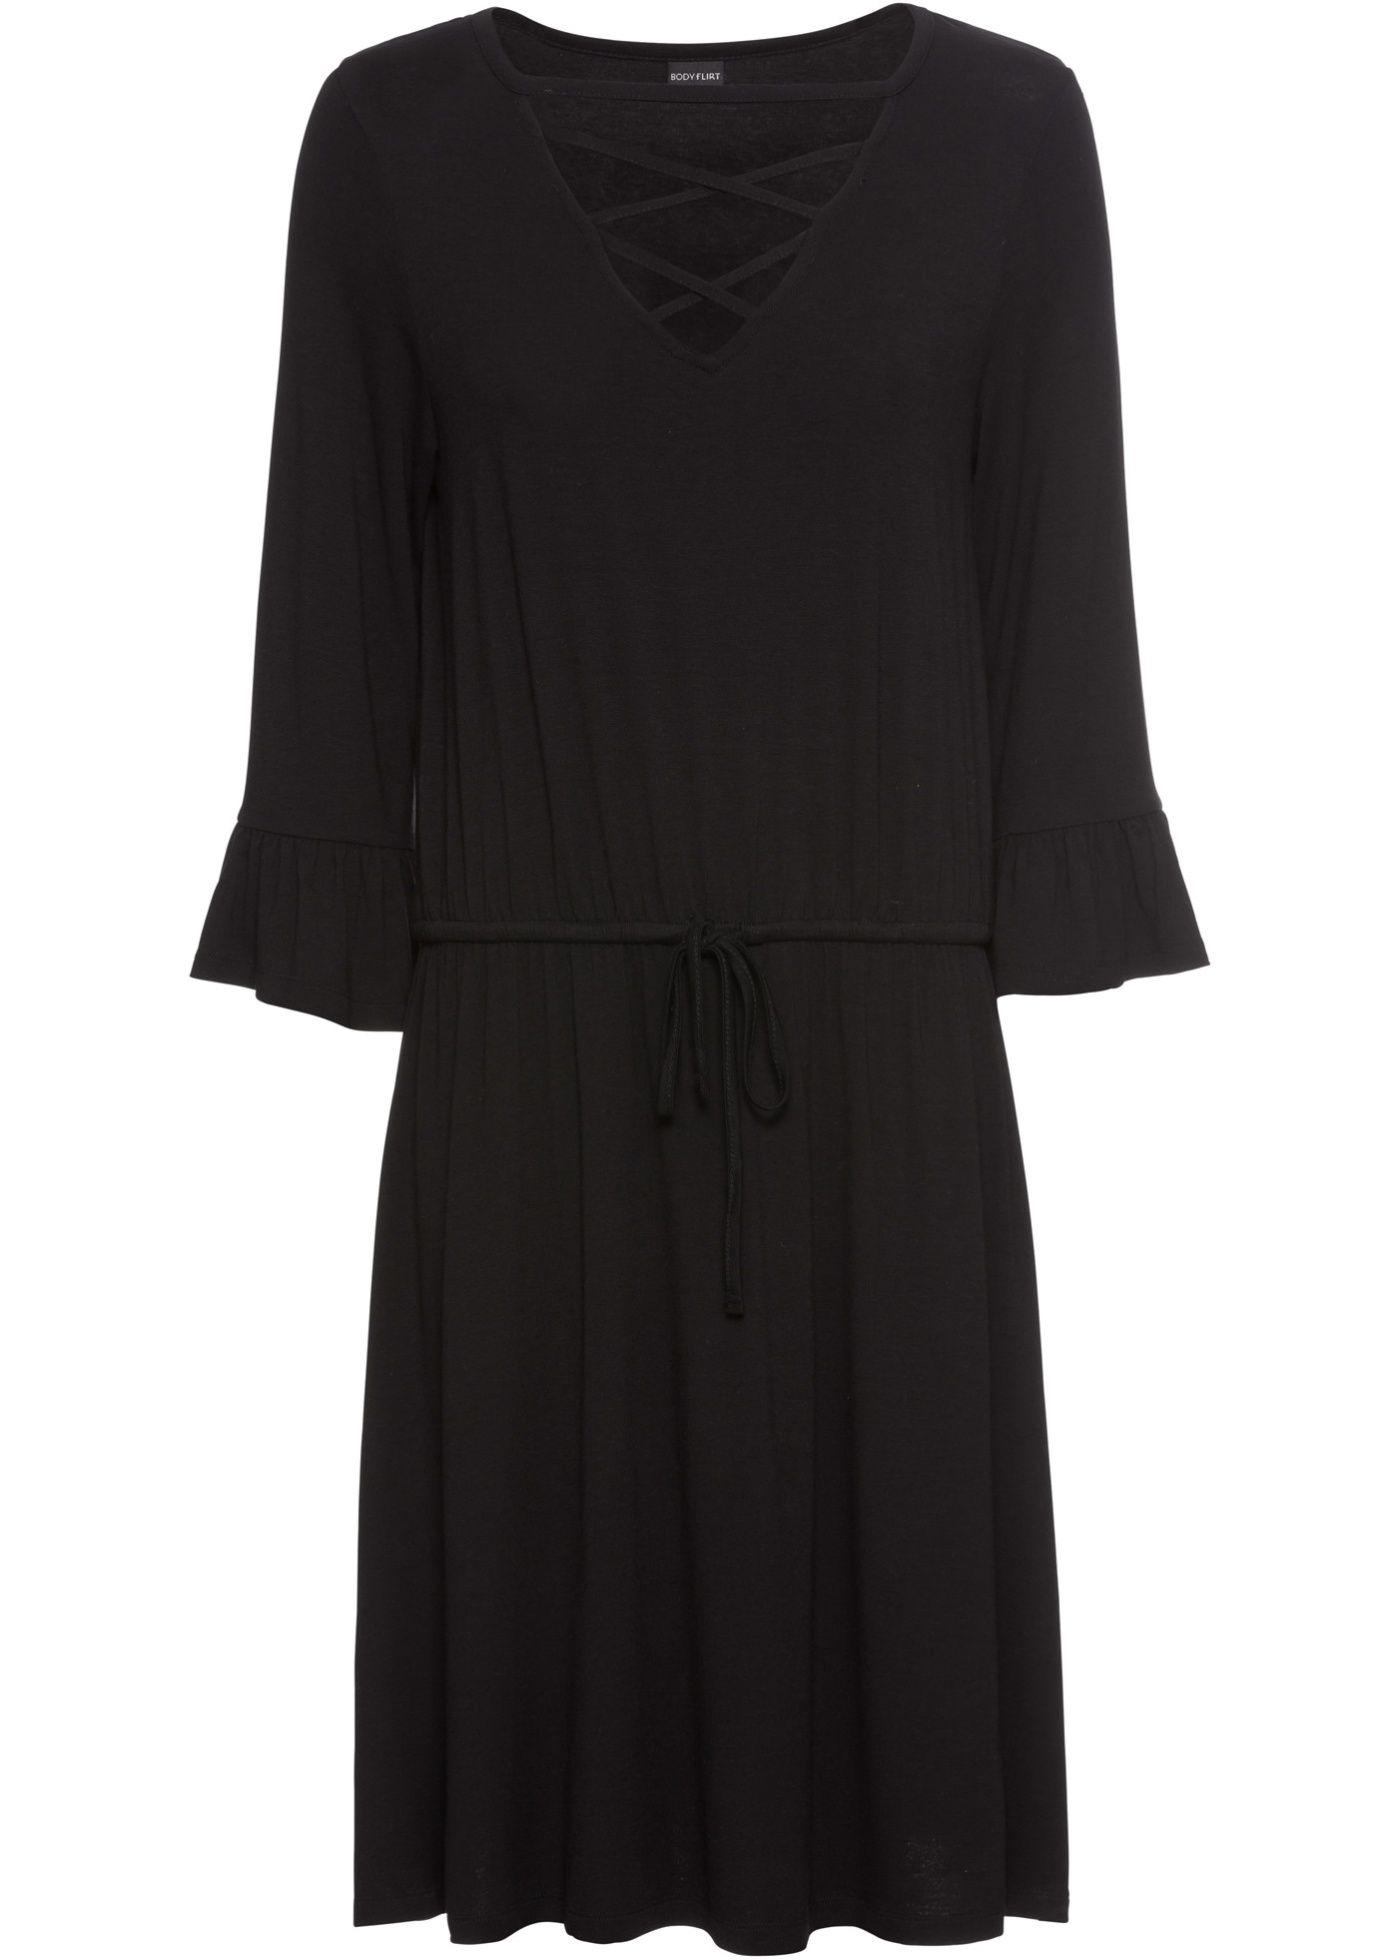 Jerseykleid  Kleider, Jerseykleid schwarz und Flirt